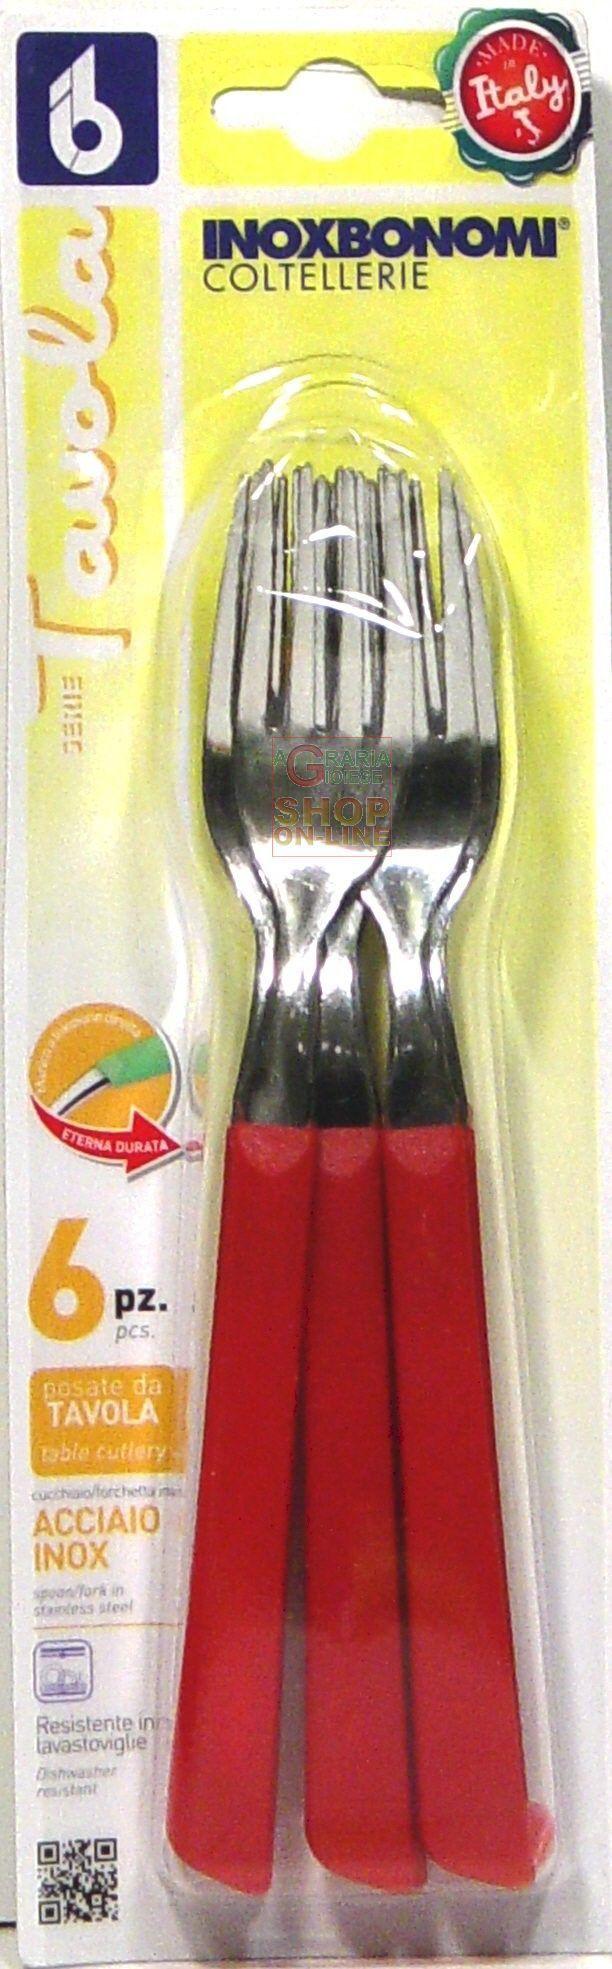 BONOMI SET FORCHETTE DA TAVOLA 6 PEZZI IN ACCIAIO INOX MANICO ROSSO http://www.decariashop.it/utensili-da-cucina/22123-bonomi-set-forchette-da-tavola-6-pezzi-in-acciaio-inox-manico-rosso-8007684220160.html